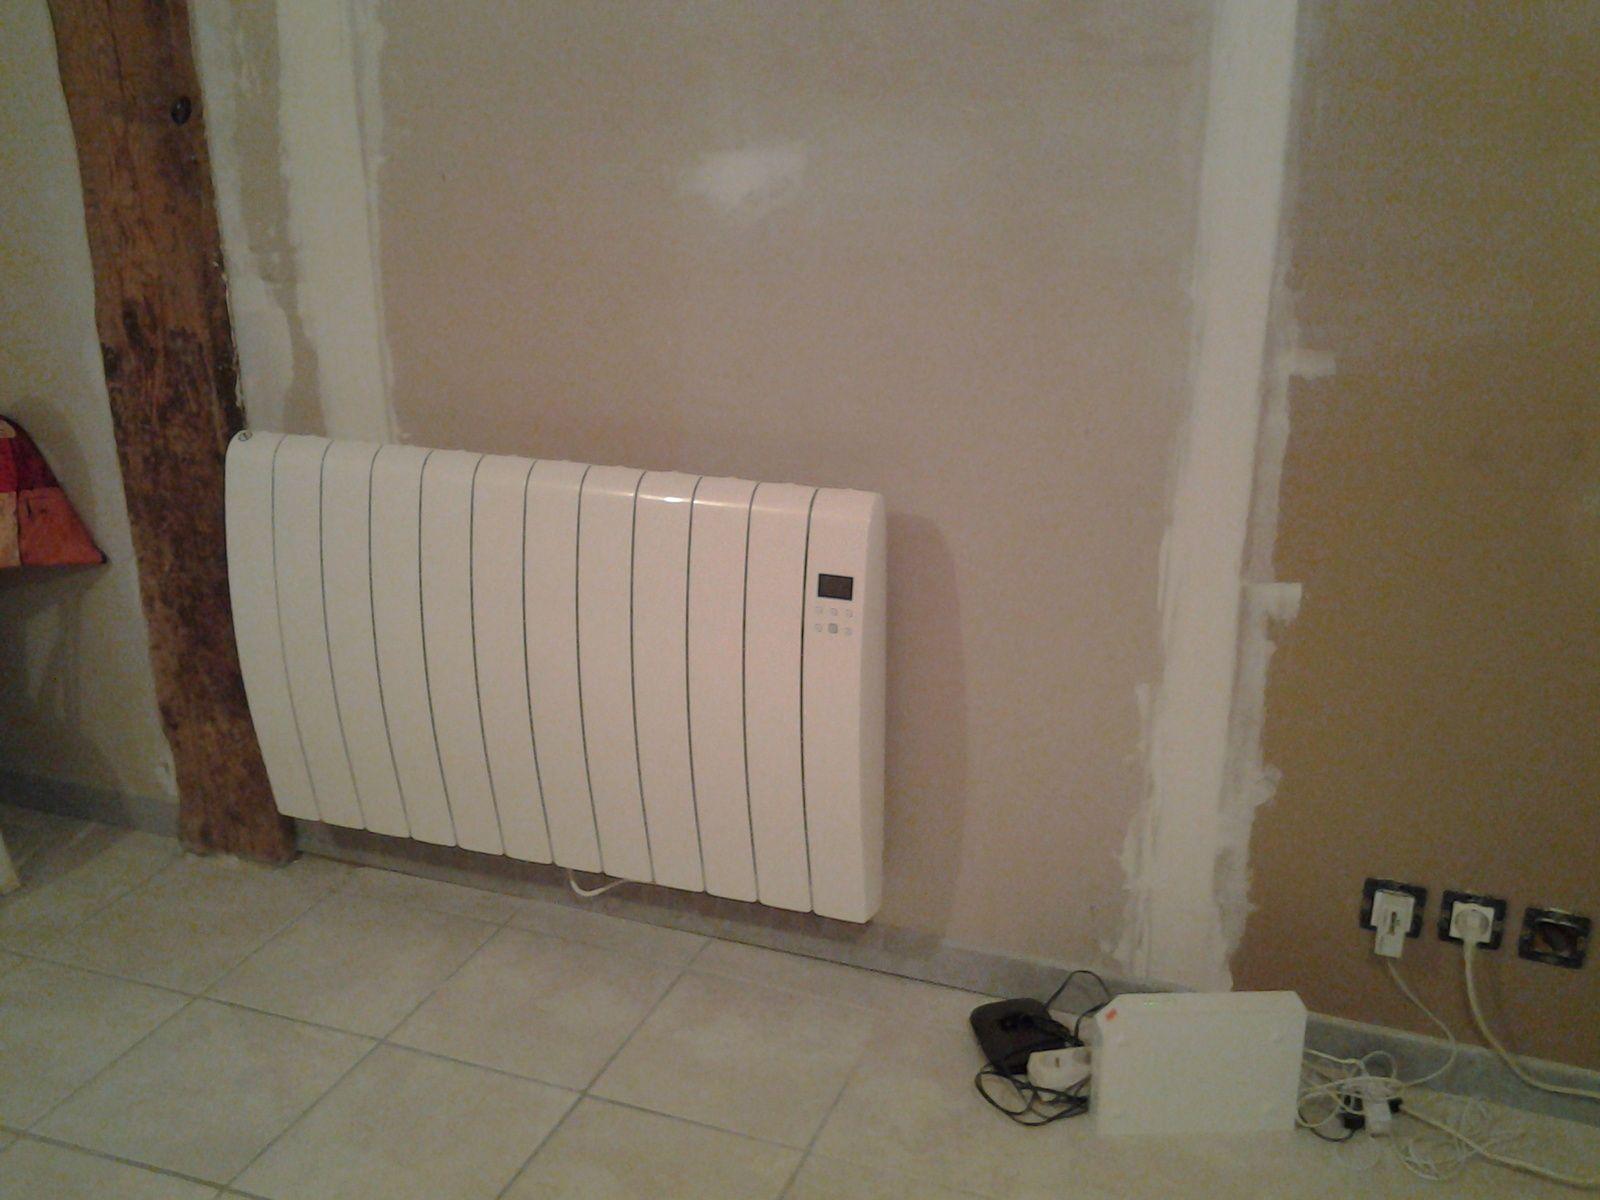 le radiateur est maintenant poser.